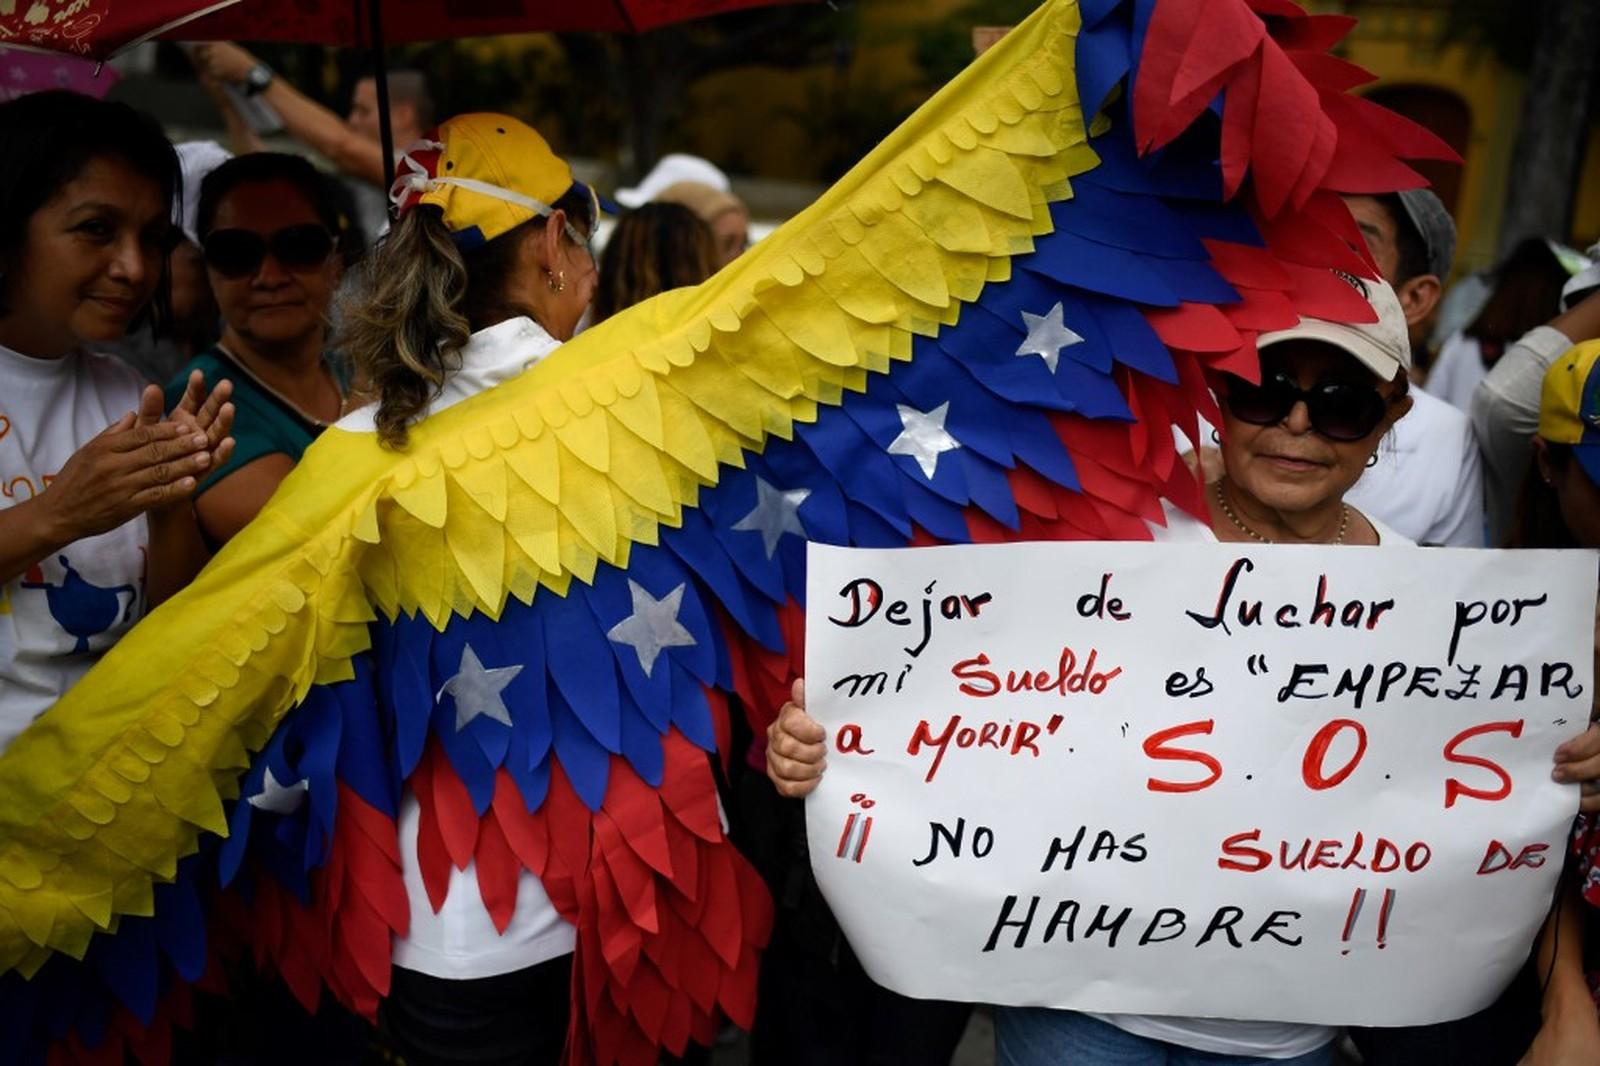 Manifestantes protestam em Caracas contra falta de remédios na Venezuela nesta quarta-feira (14) — Foto: Federico Parra/AFP